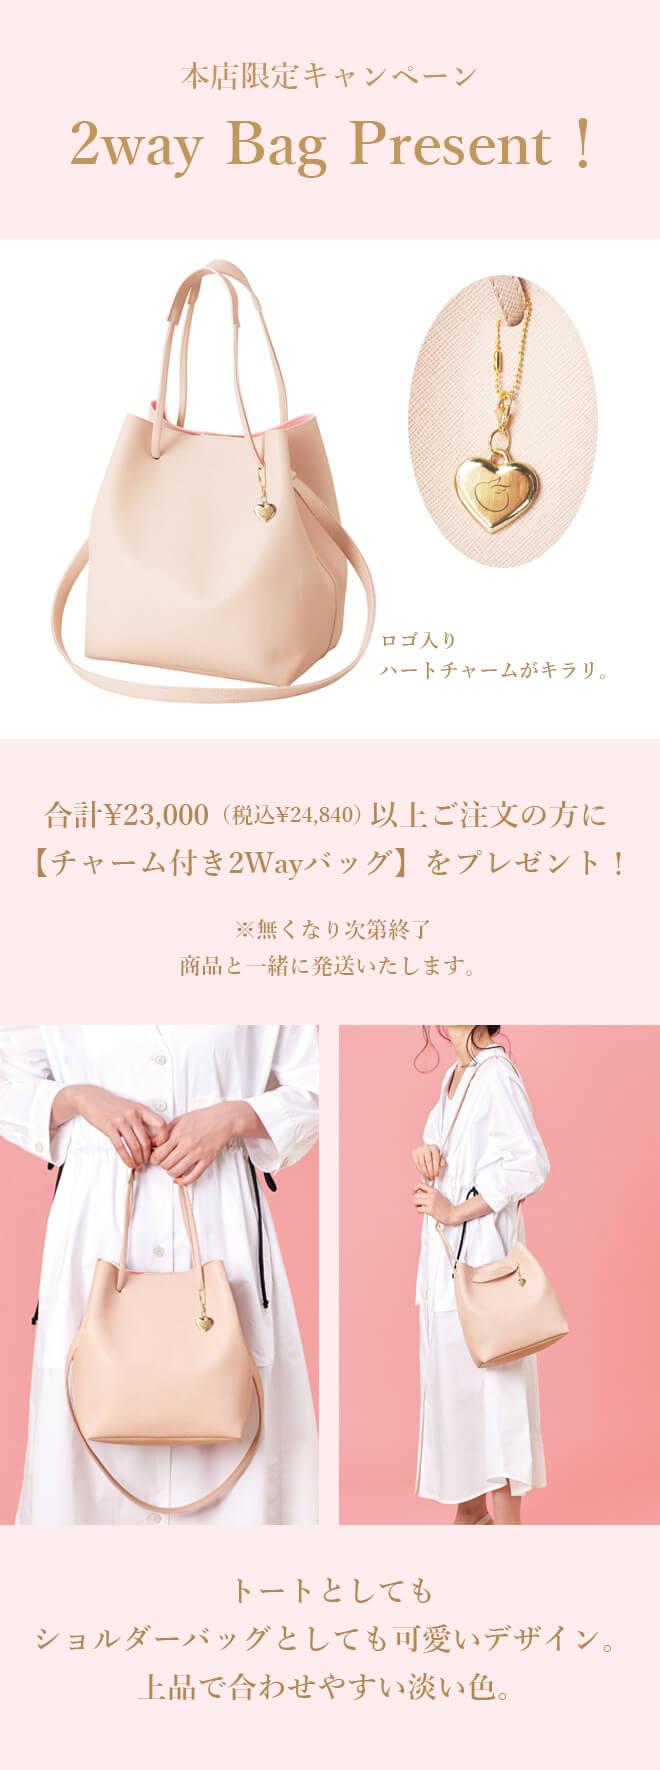 天使の卵 バッグプレゼント